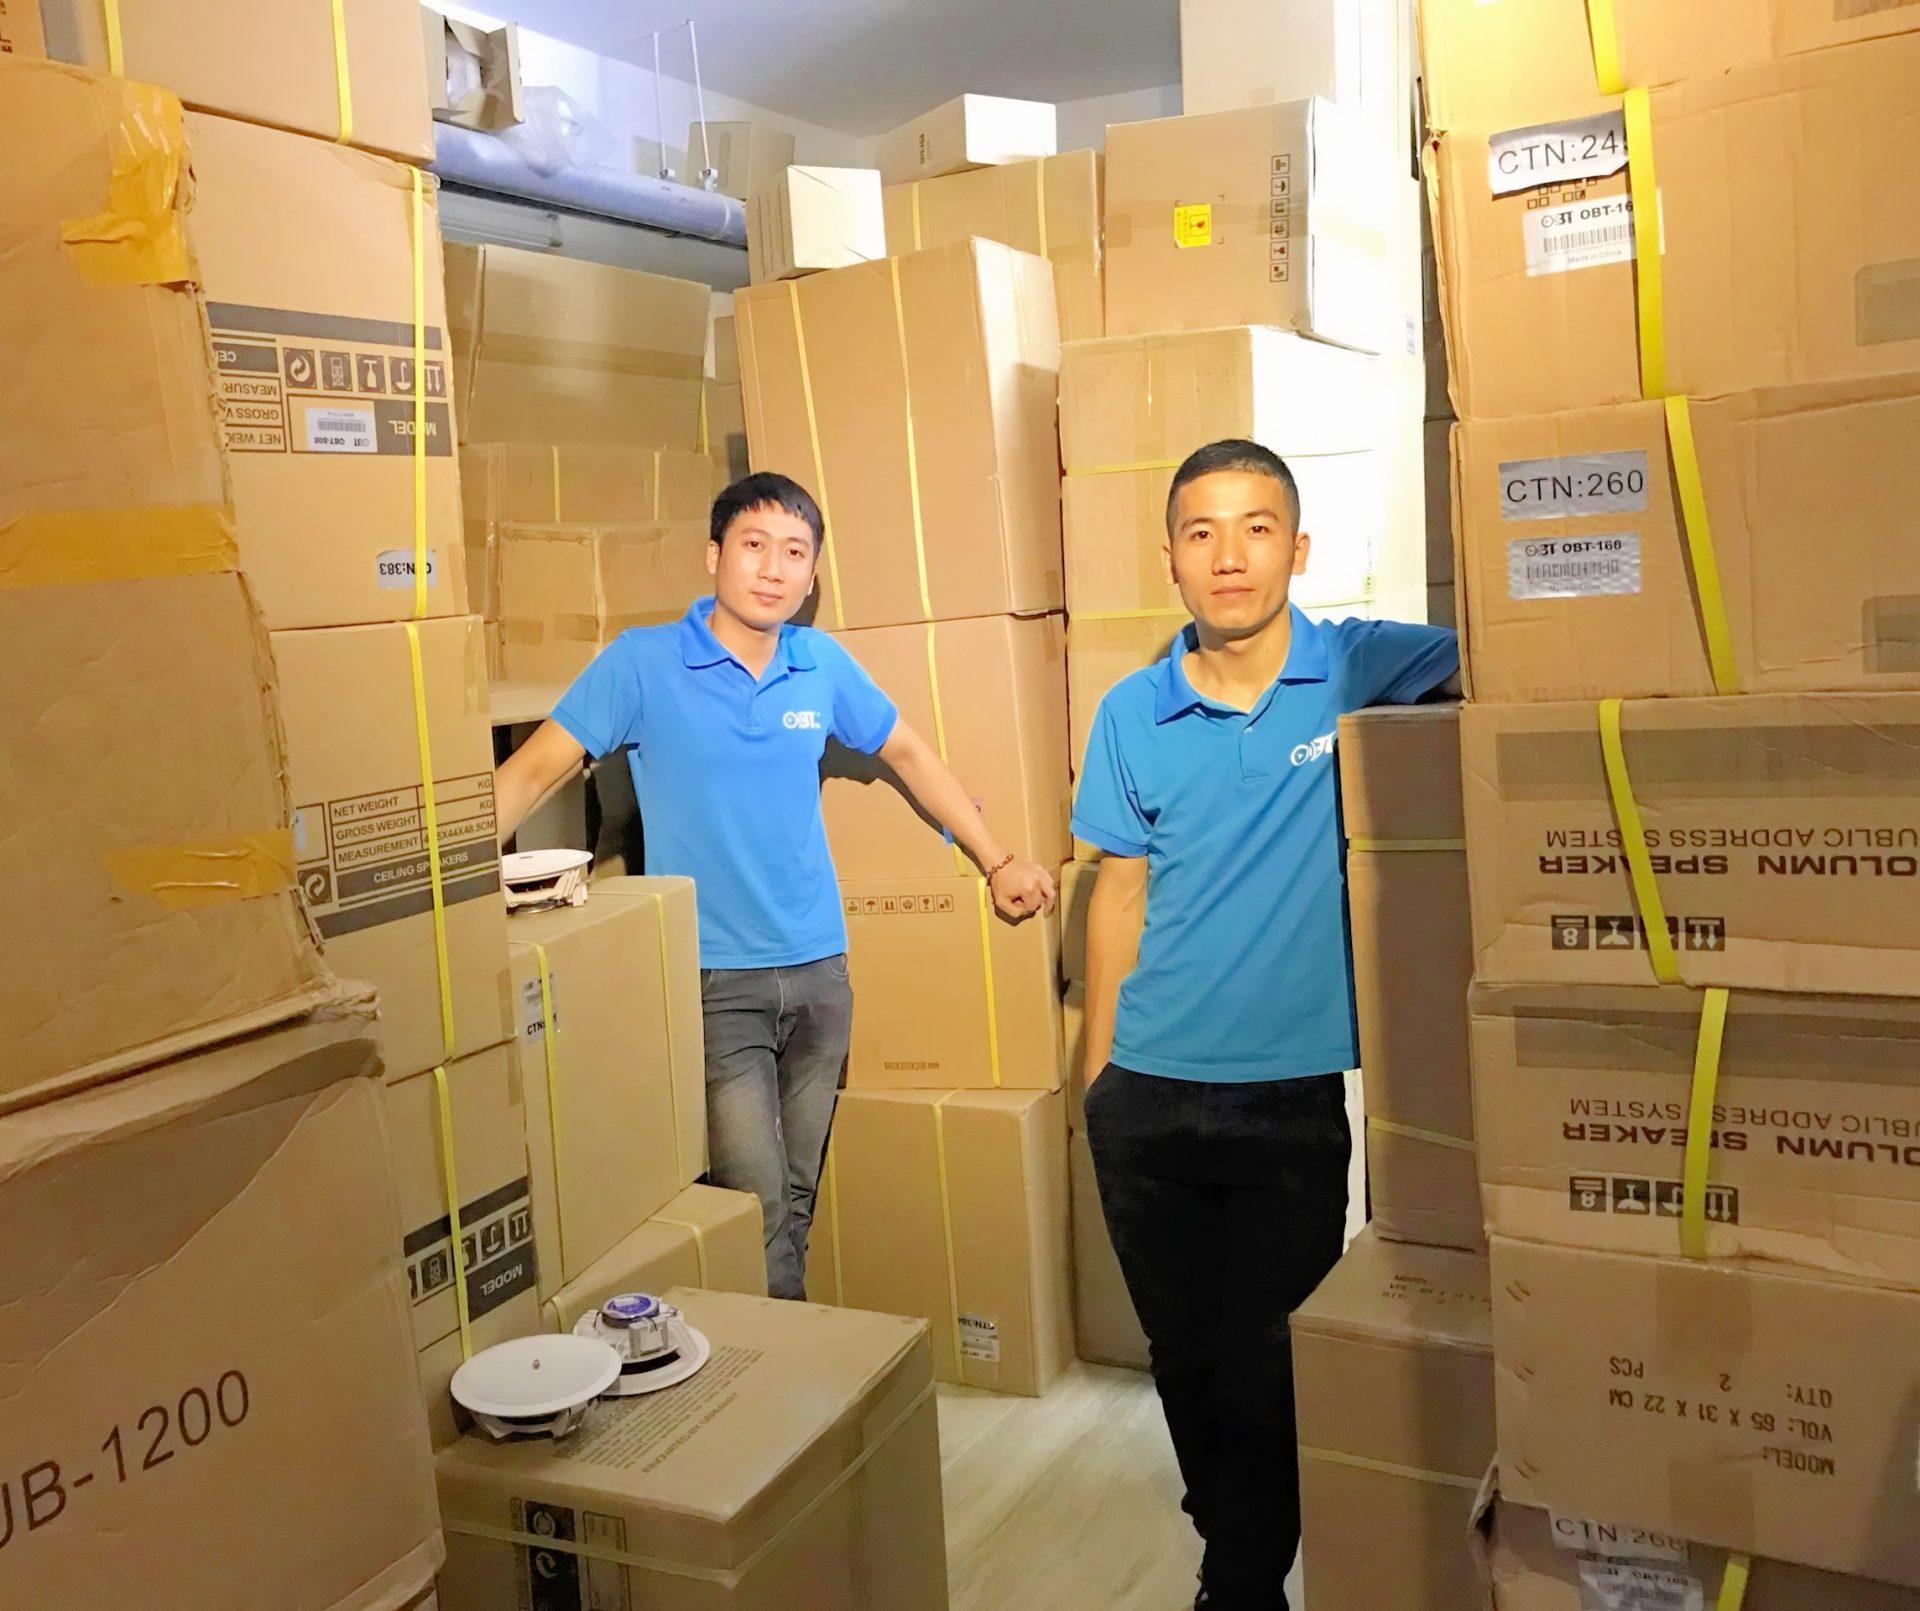 Hình ảnh kho hàng loa âm trần tại AHK Việt Nam